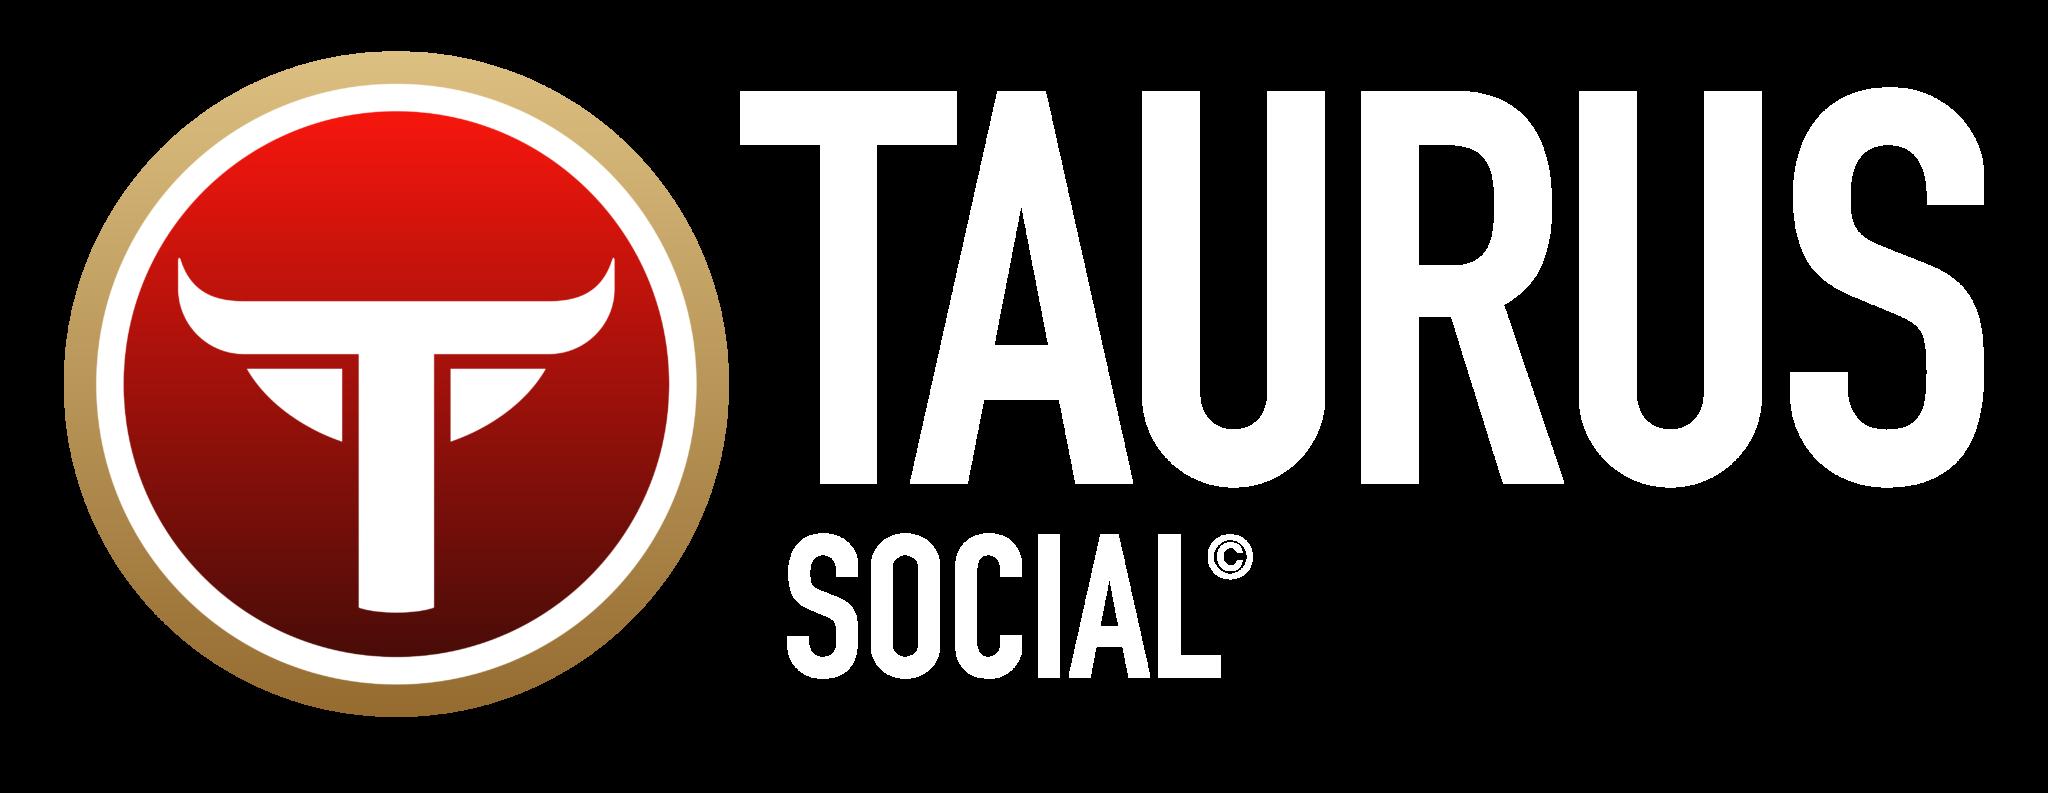 Taurus Branding Suite Master doc 56